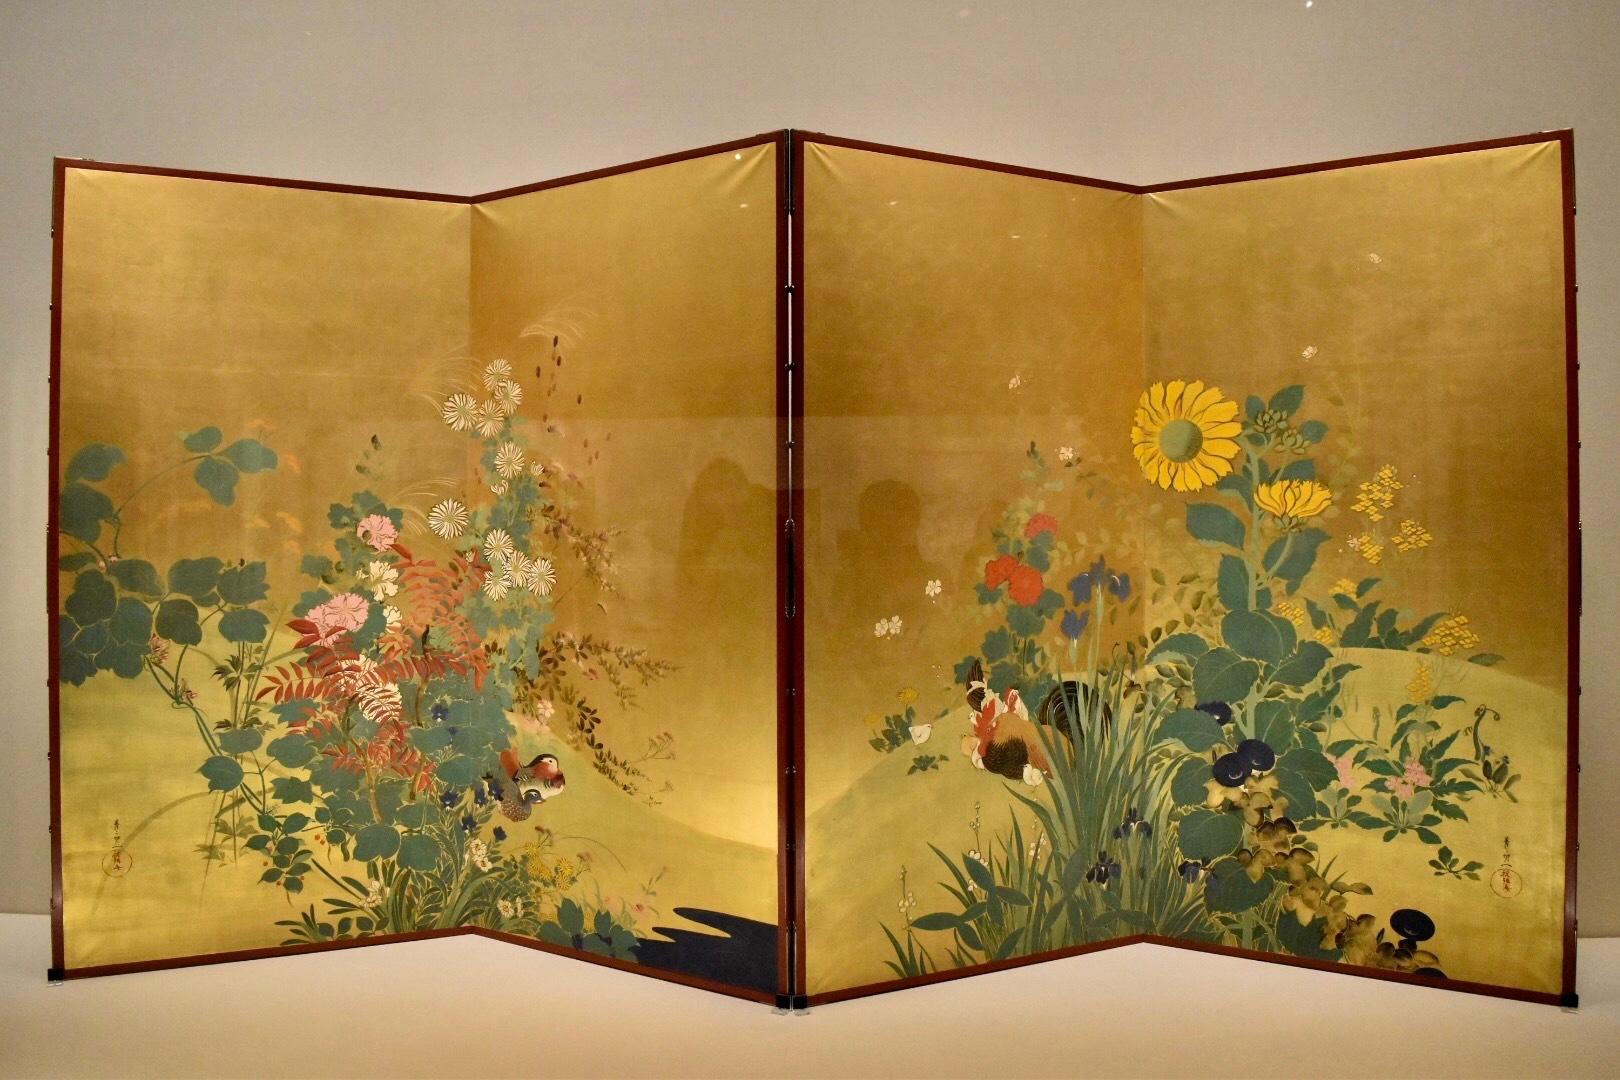 鈴木其一 《四季花鳥図》 19世紀(江戸時代) 山種美術館蔵